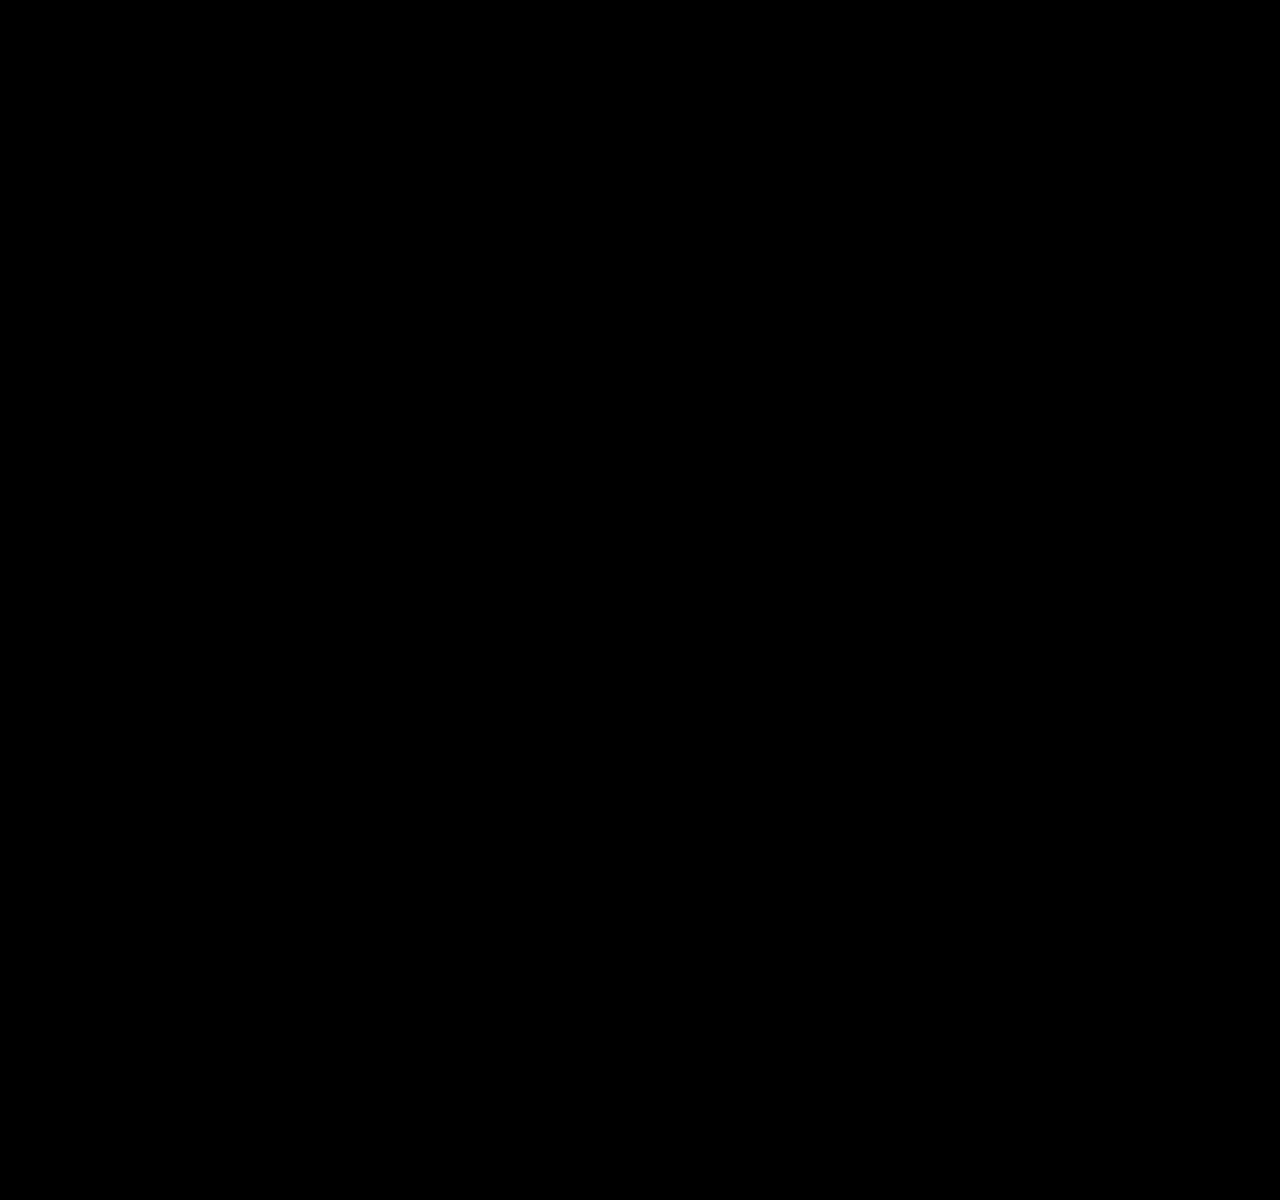 Clipart anchor fancy. Image gratuite sur pixabay